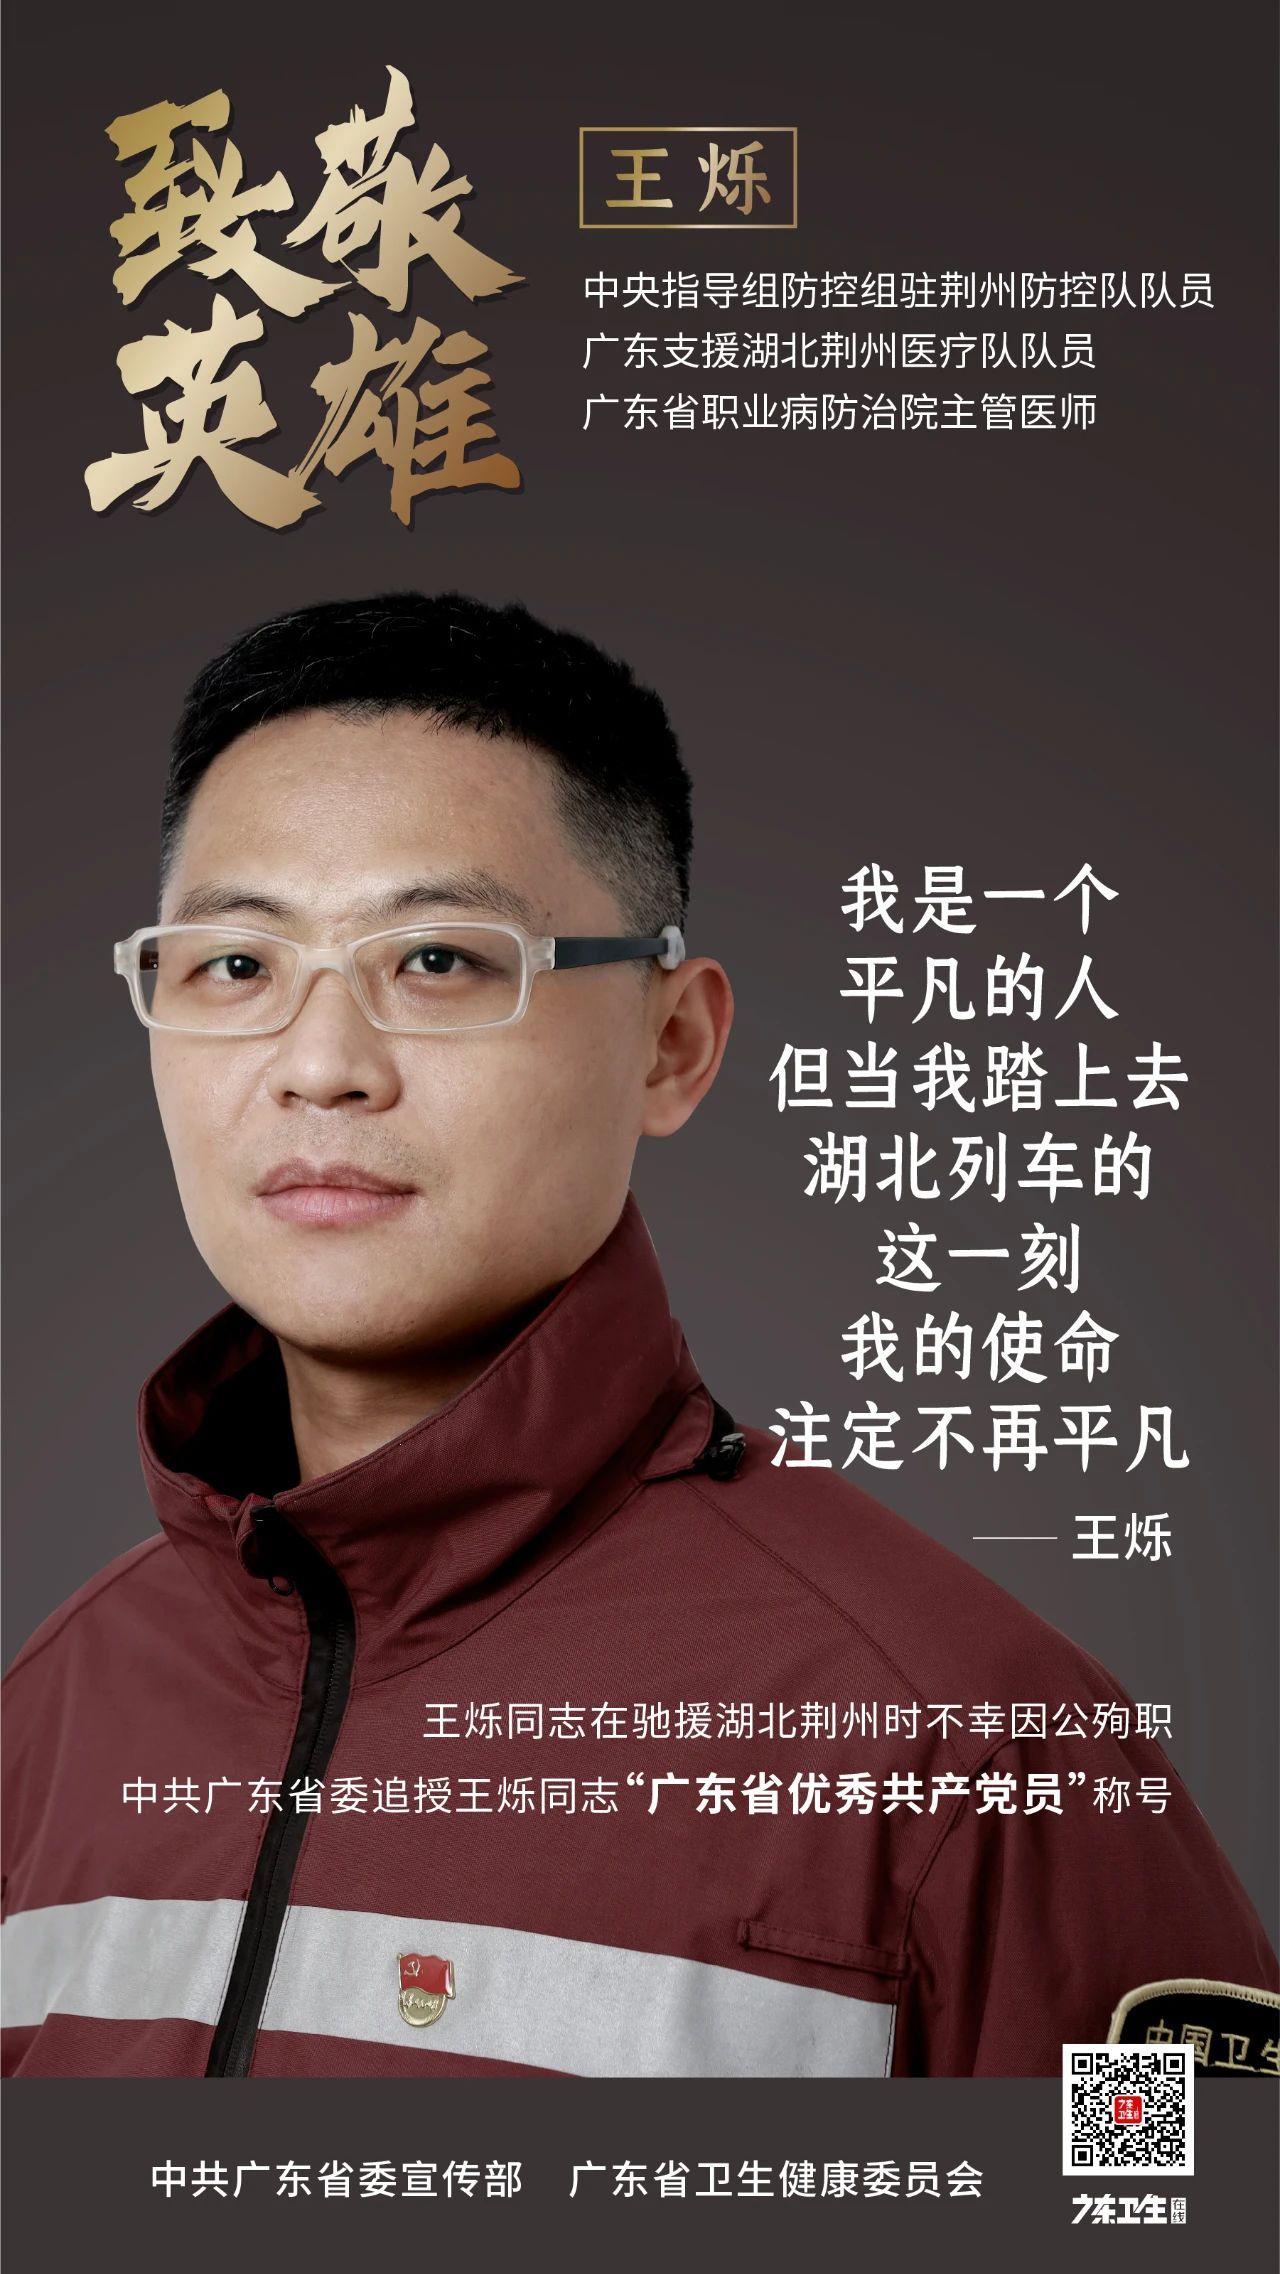 广东援鄂医疗队员王烁被追授优秀共产党员